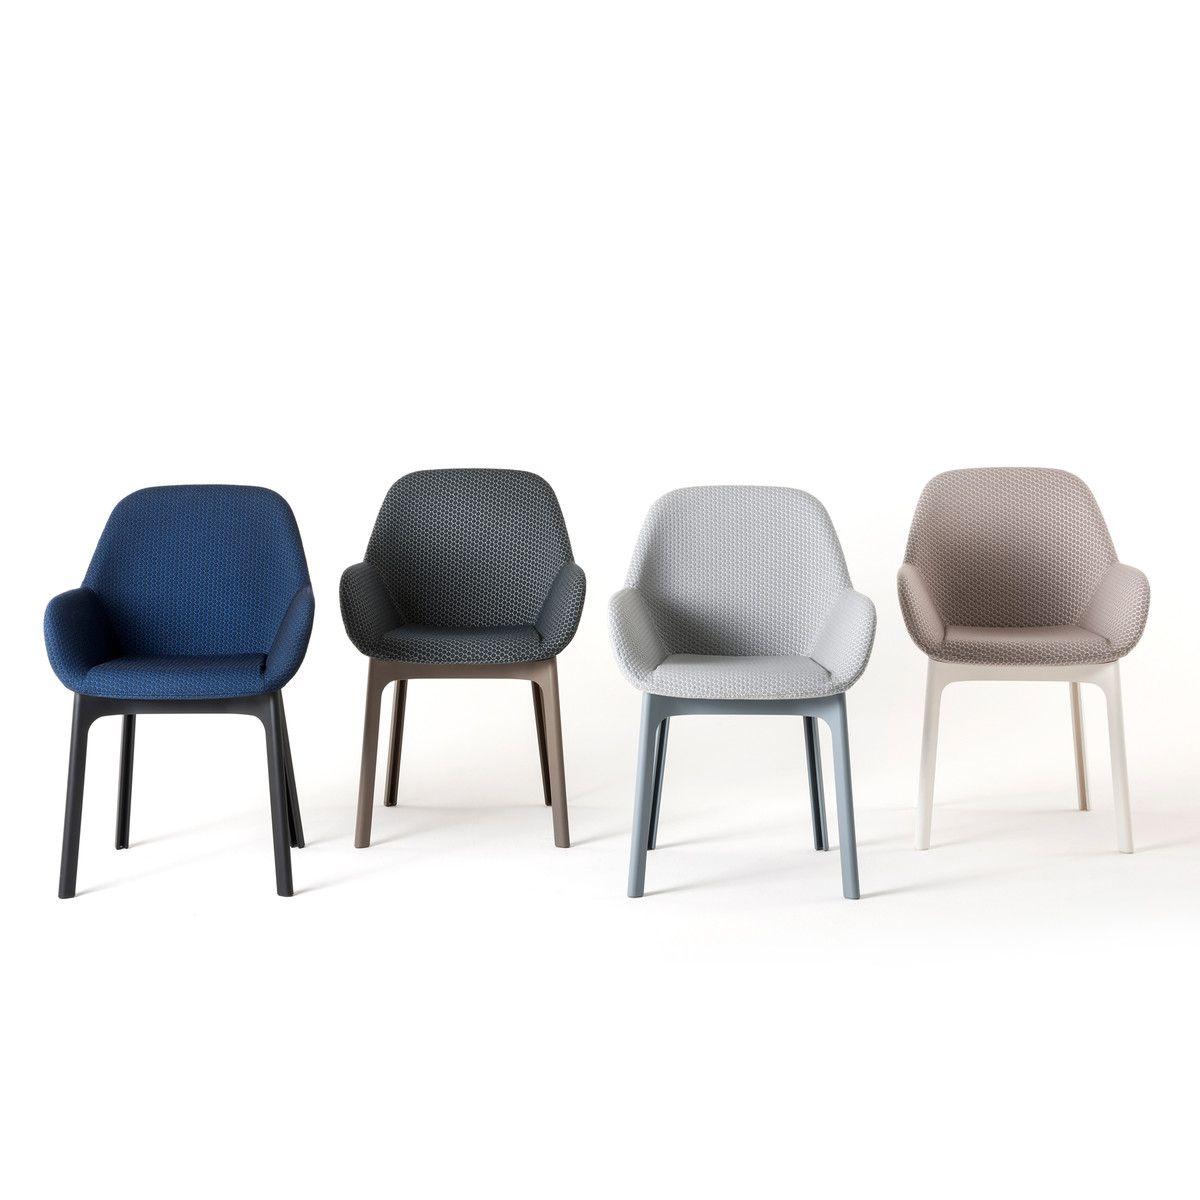 Sessel Clap / Mit Stoffbezug, Graphitschwarz / Stuhlbeine Taubengrau Von  Kartell Finden Sie Bei Made In Design, Ihrem Online Shop Für Designermöbel,  ...